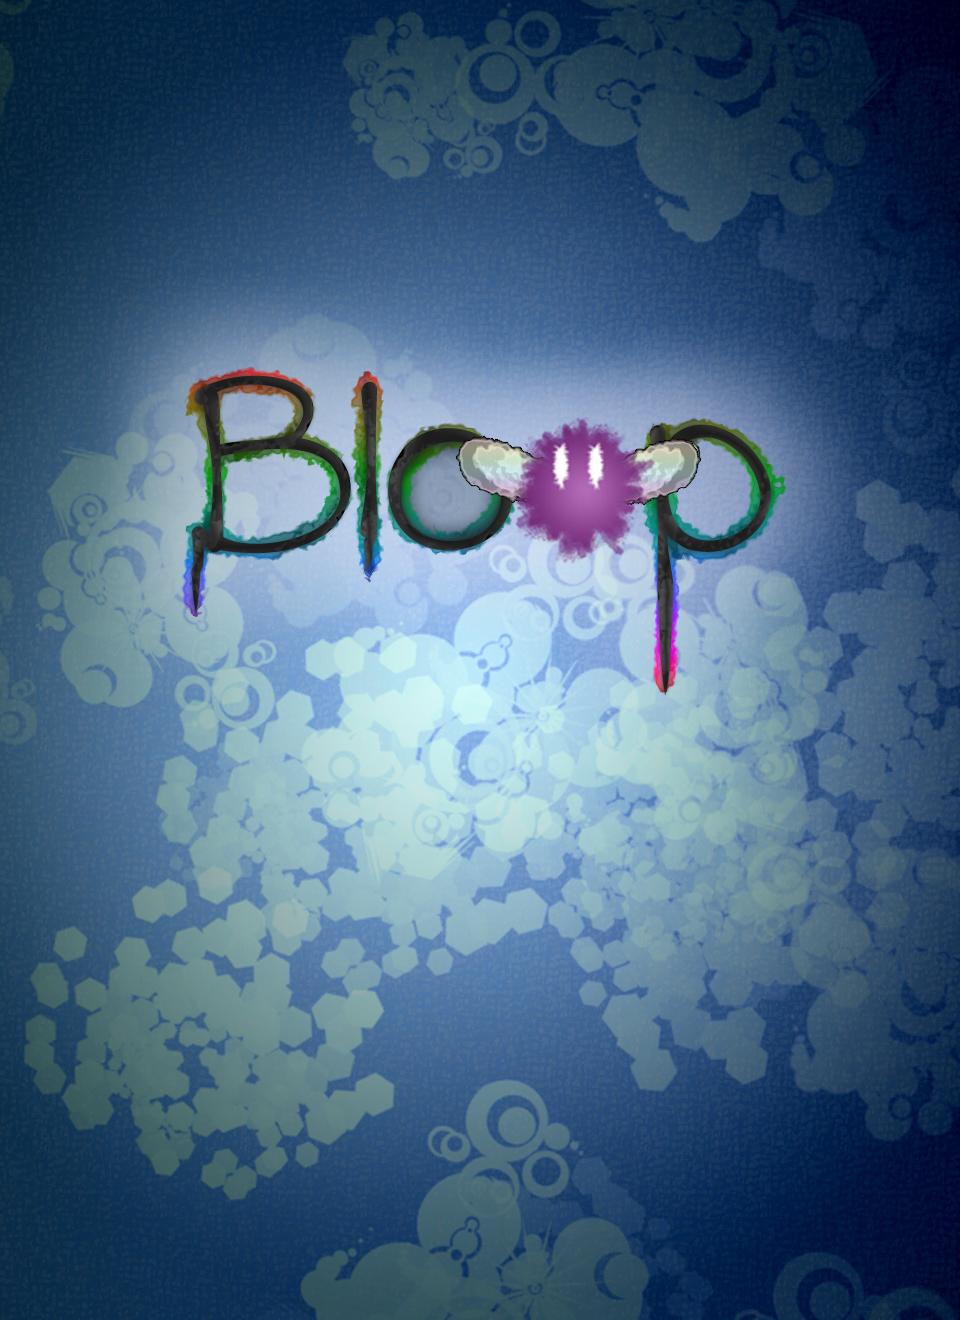 Bloop Windows game - Indie DB | 960 x 1320 png 1431kB</div></div><